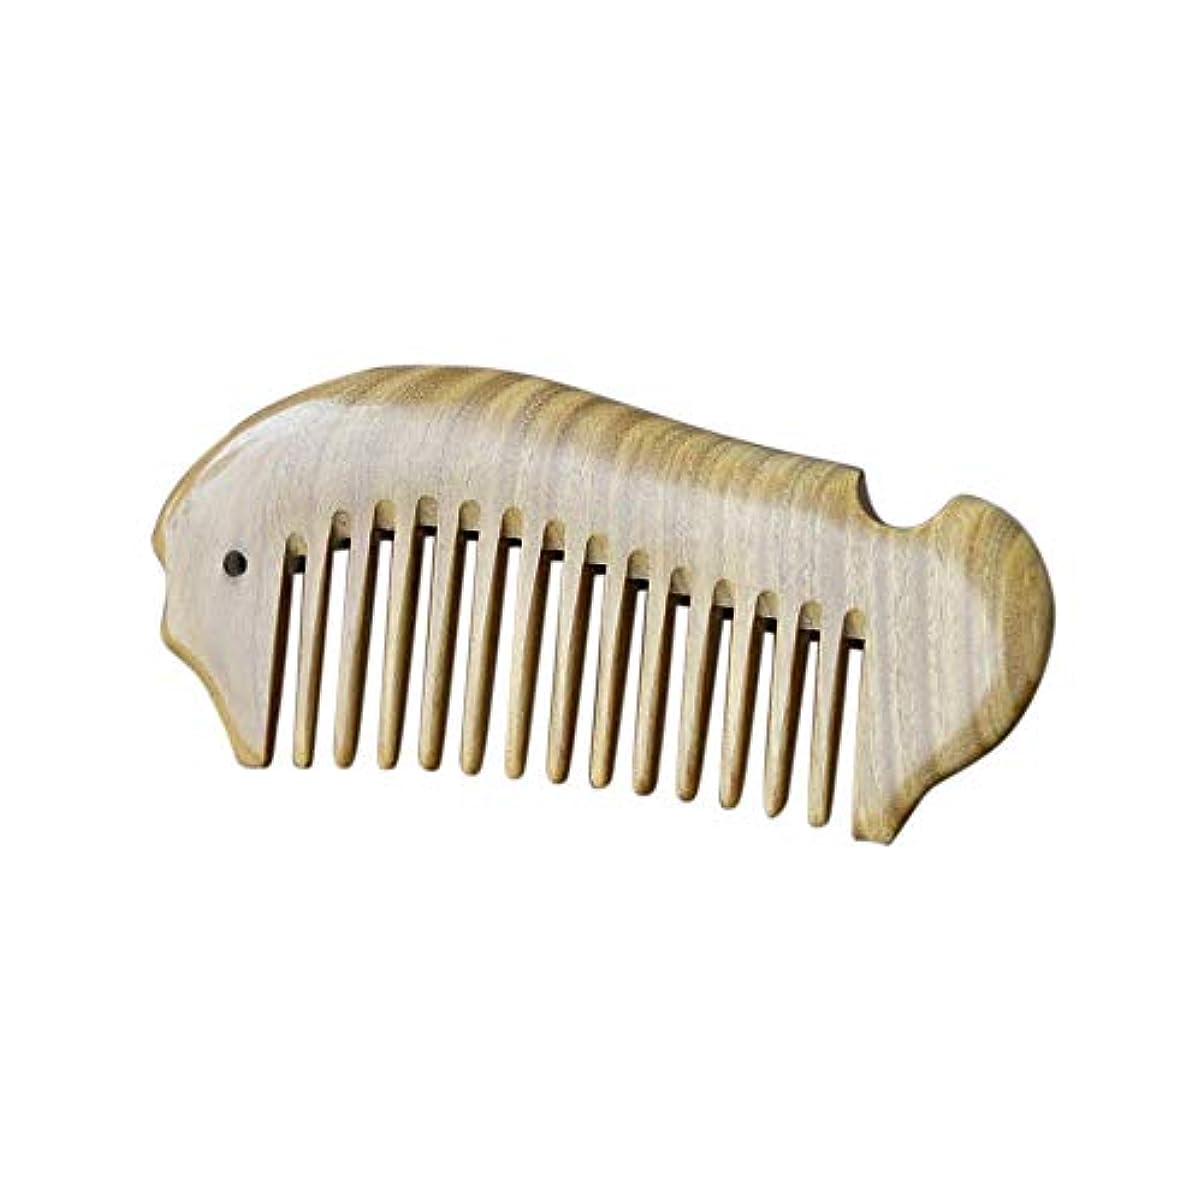 フォーカス知覚する心のこもった新しい木製のくしグリーンサンダルウッドくし魚の形の手作り帯電防止ヘアブラシ ヘアケア (色 : Wide tooth)